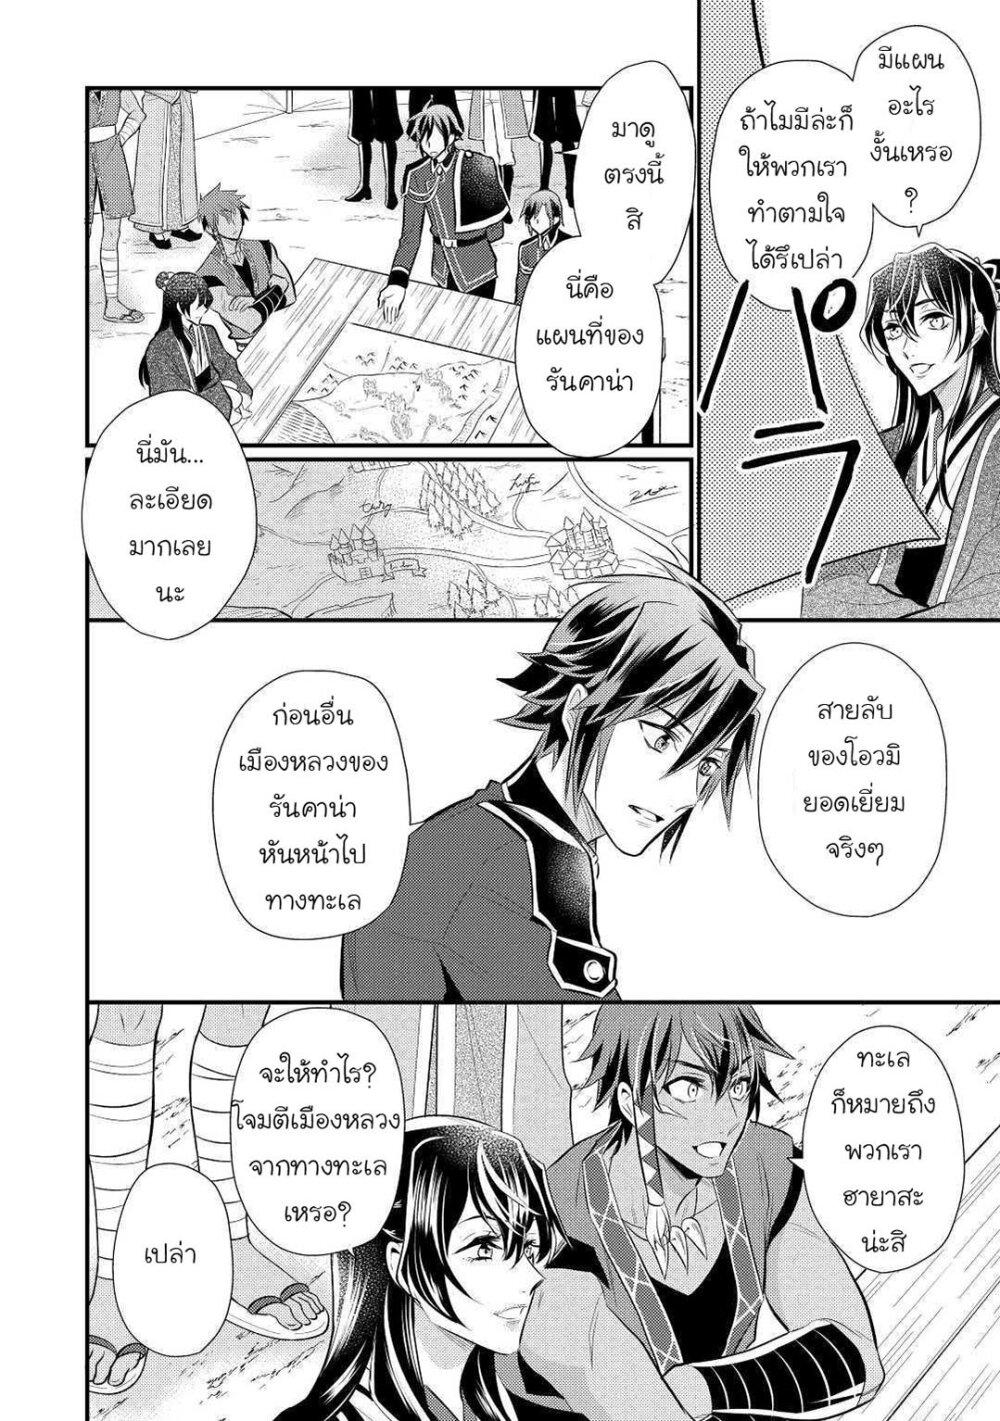 อ่านการ์ตูน Daites Ryou Koubouki ตอนที่ 25 หน้าที่ 6